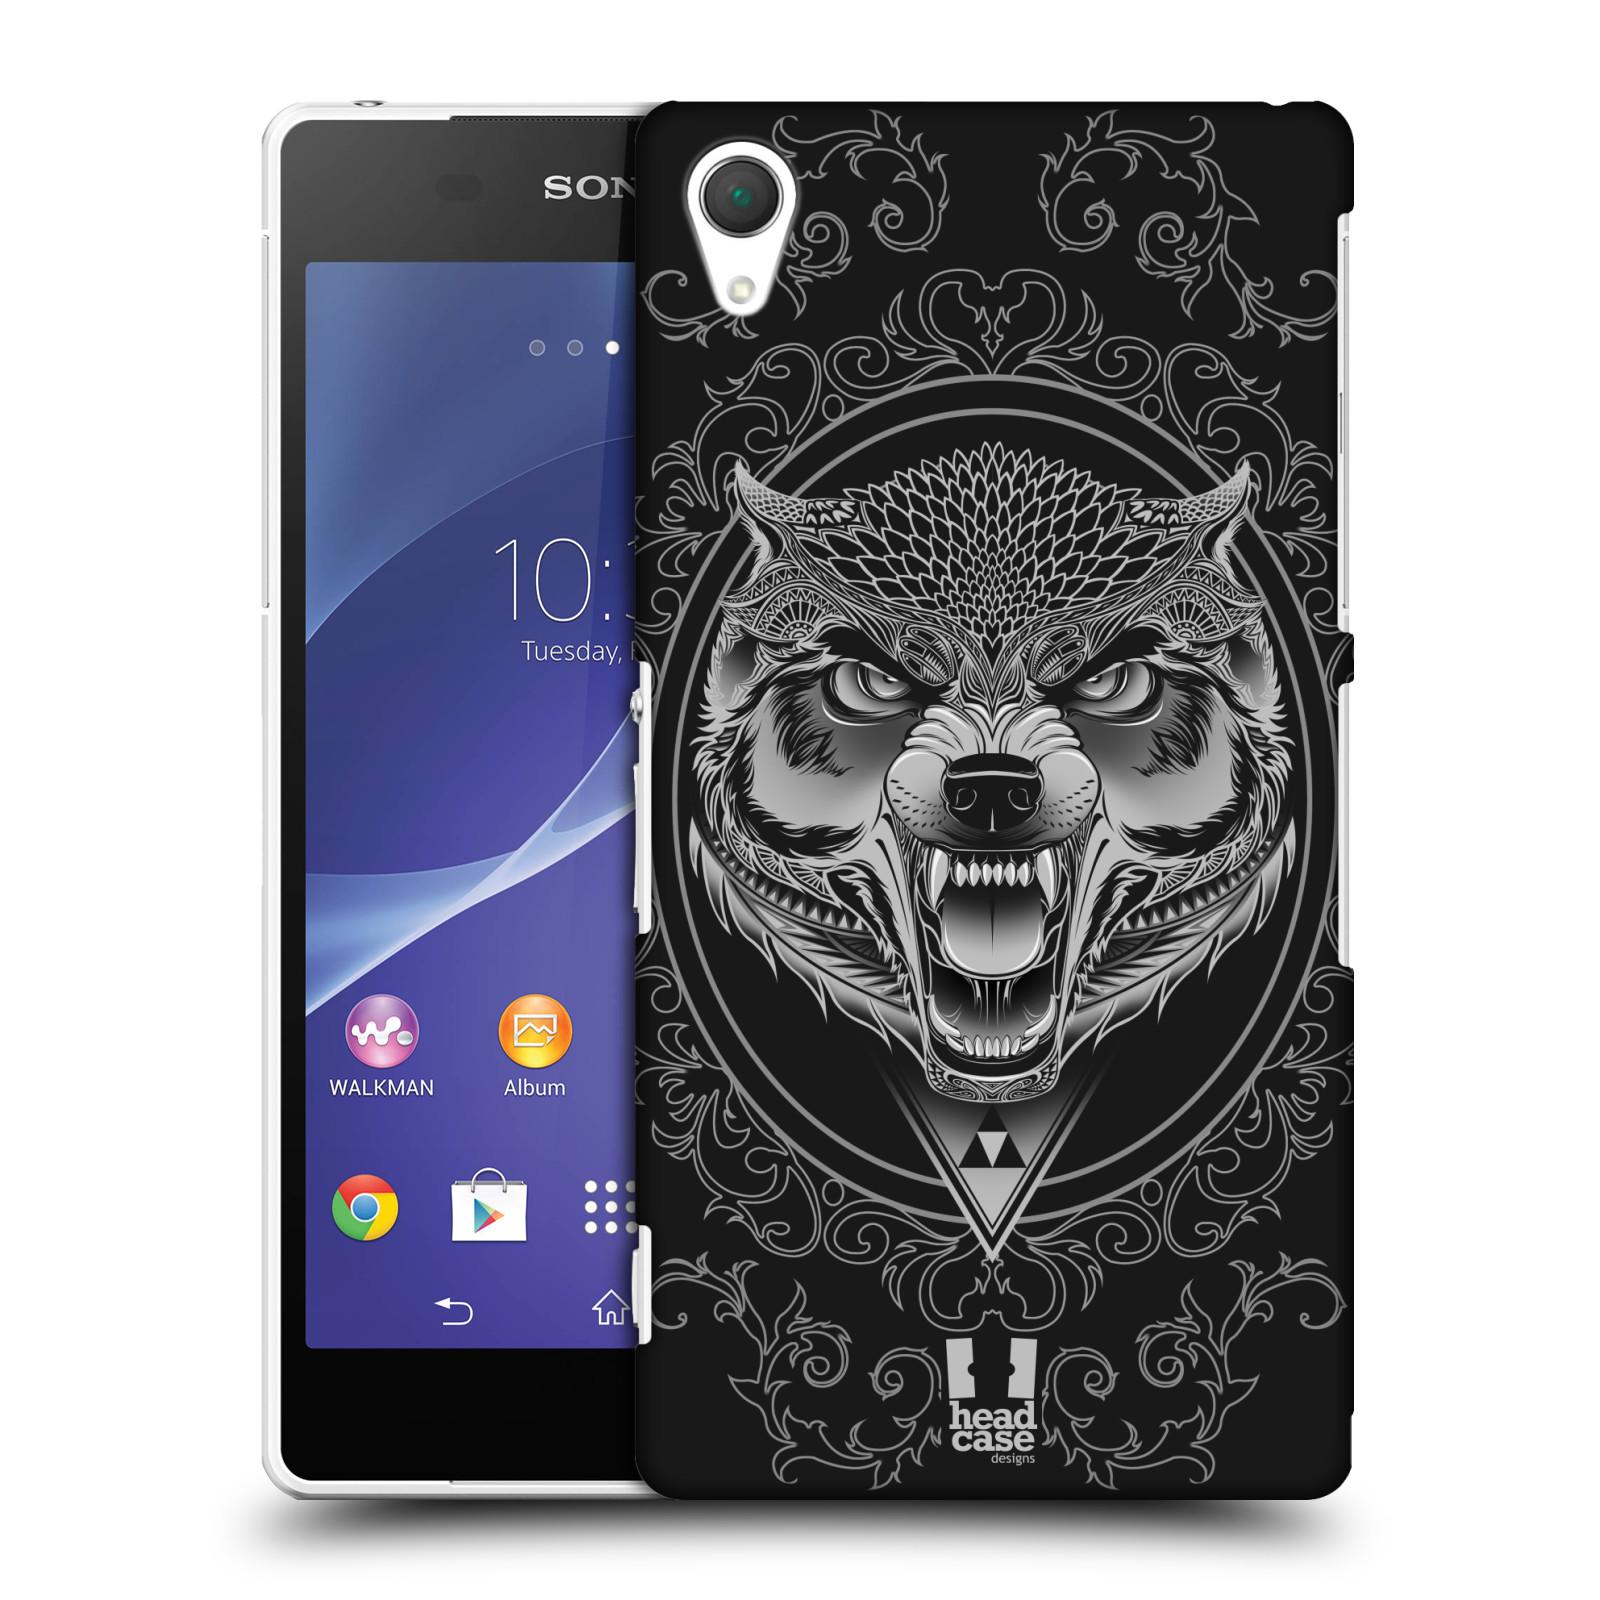 Plastové pouzdro na mobil Sony Xperia Z2 D6503 - Head Case - Krutý vlk